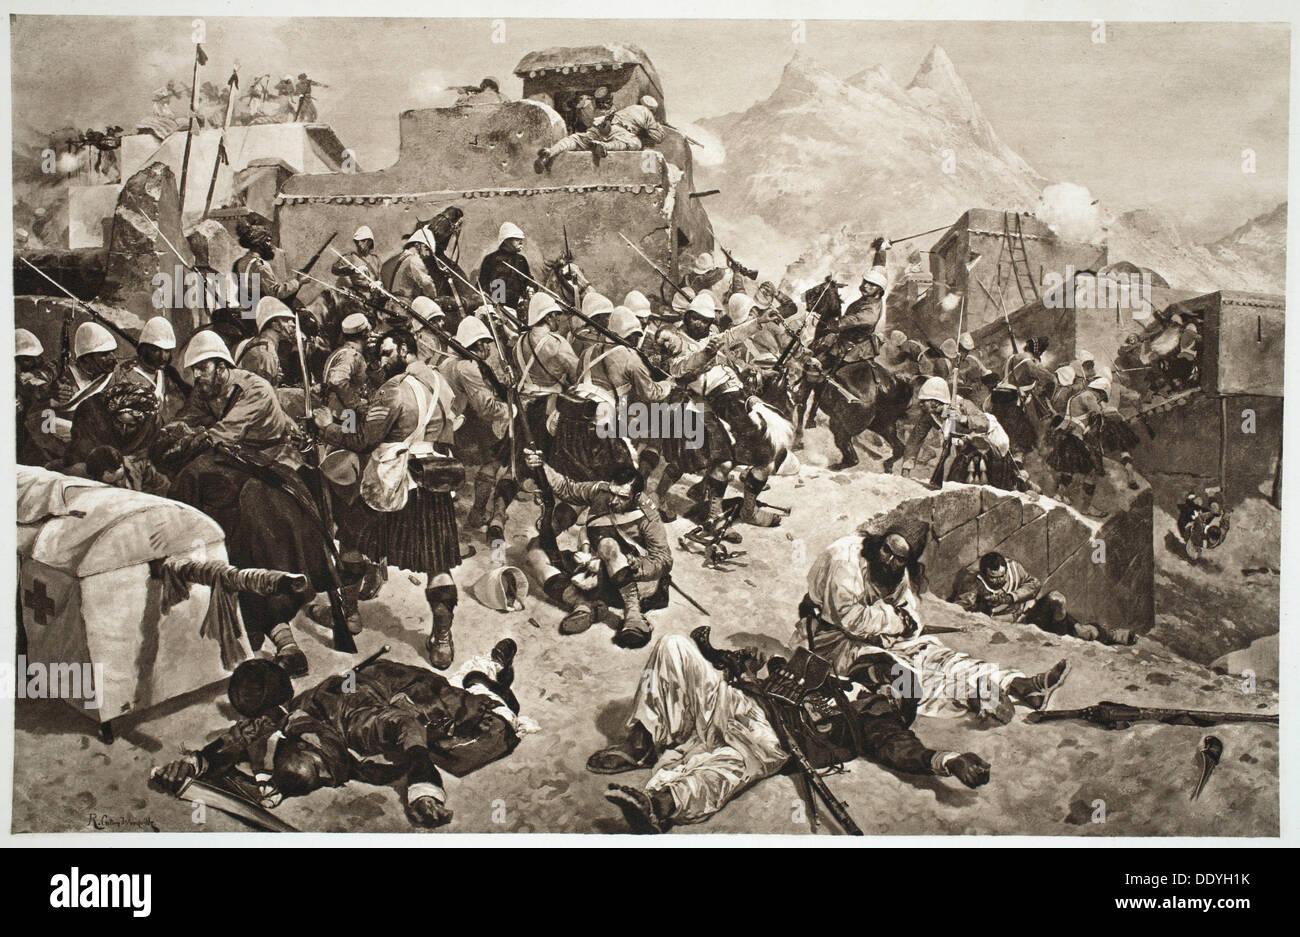 92nd Highlanders and 2nd Gurkhas storming Gaudi Mullah Sahibdad, Afghanistan, 1901. Artist: Unknown - Stock Image